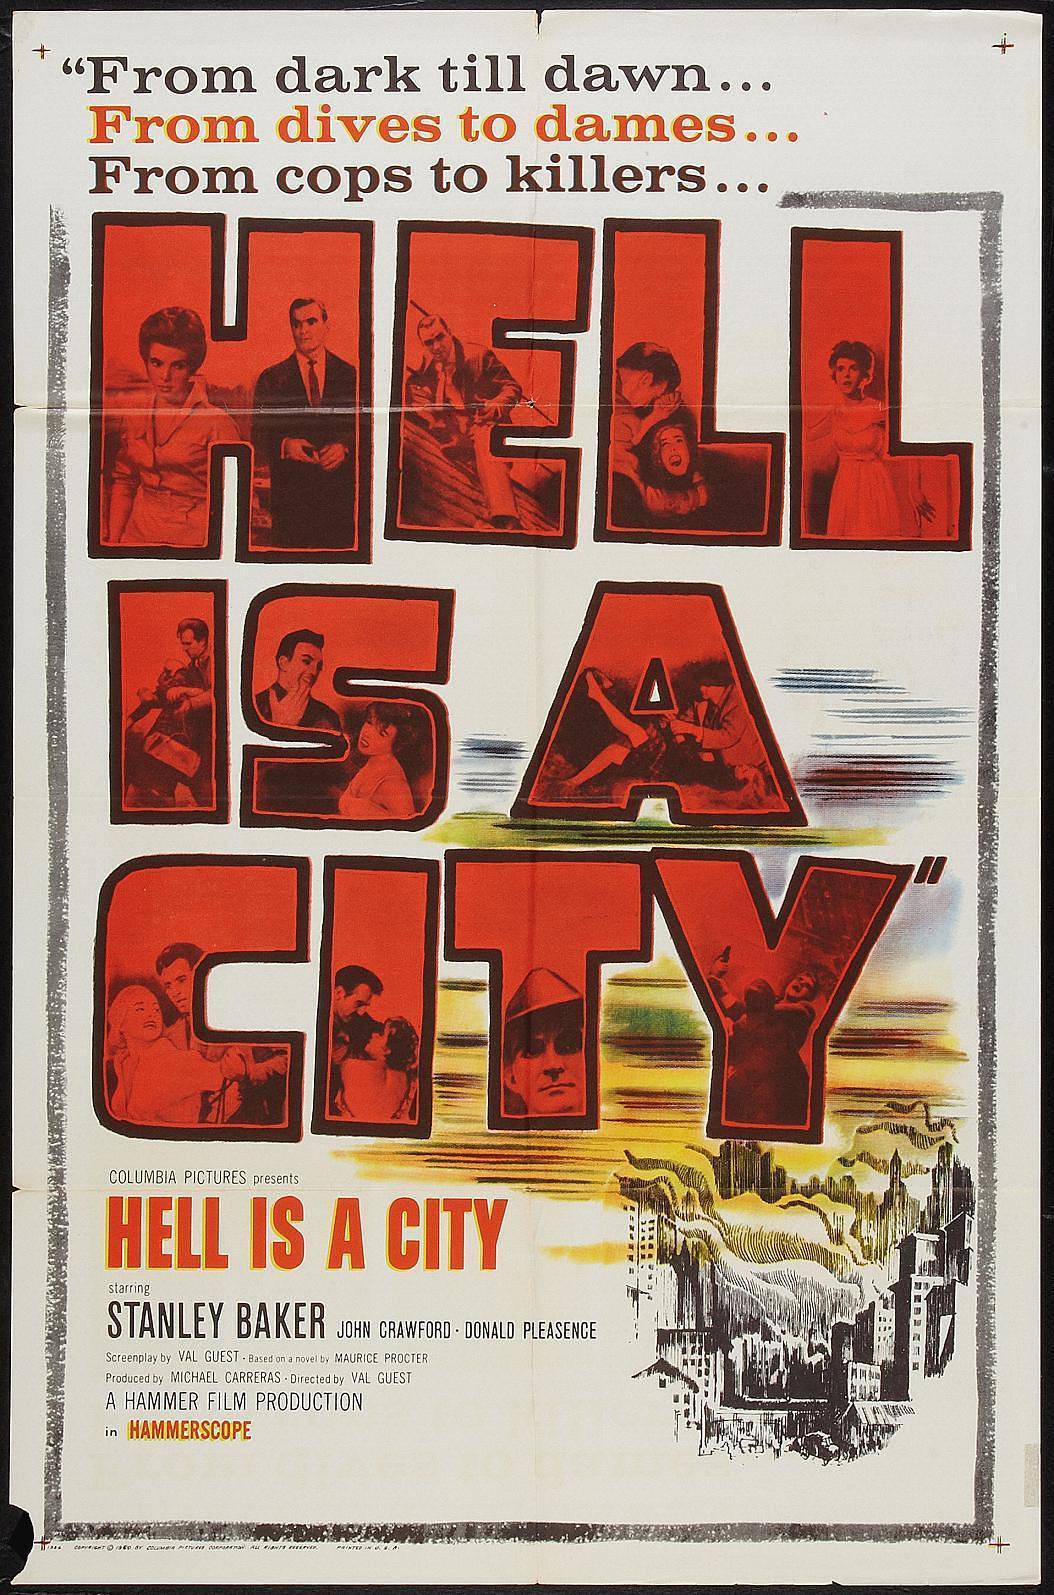 地狱是一座城市